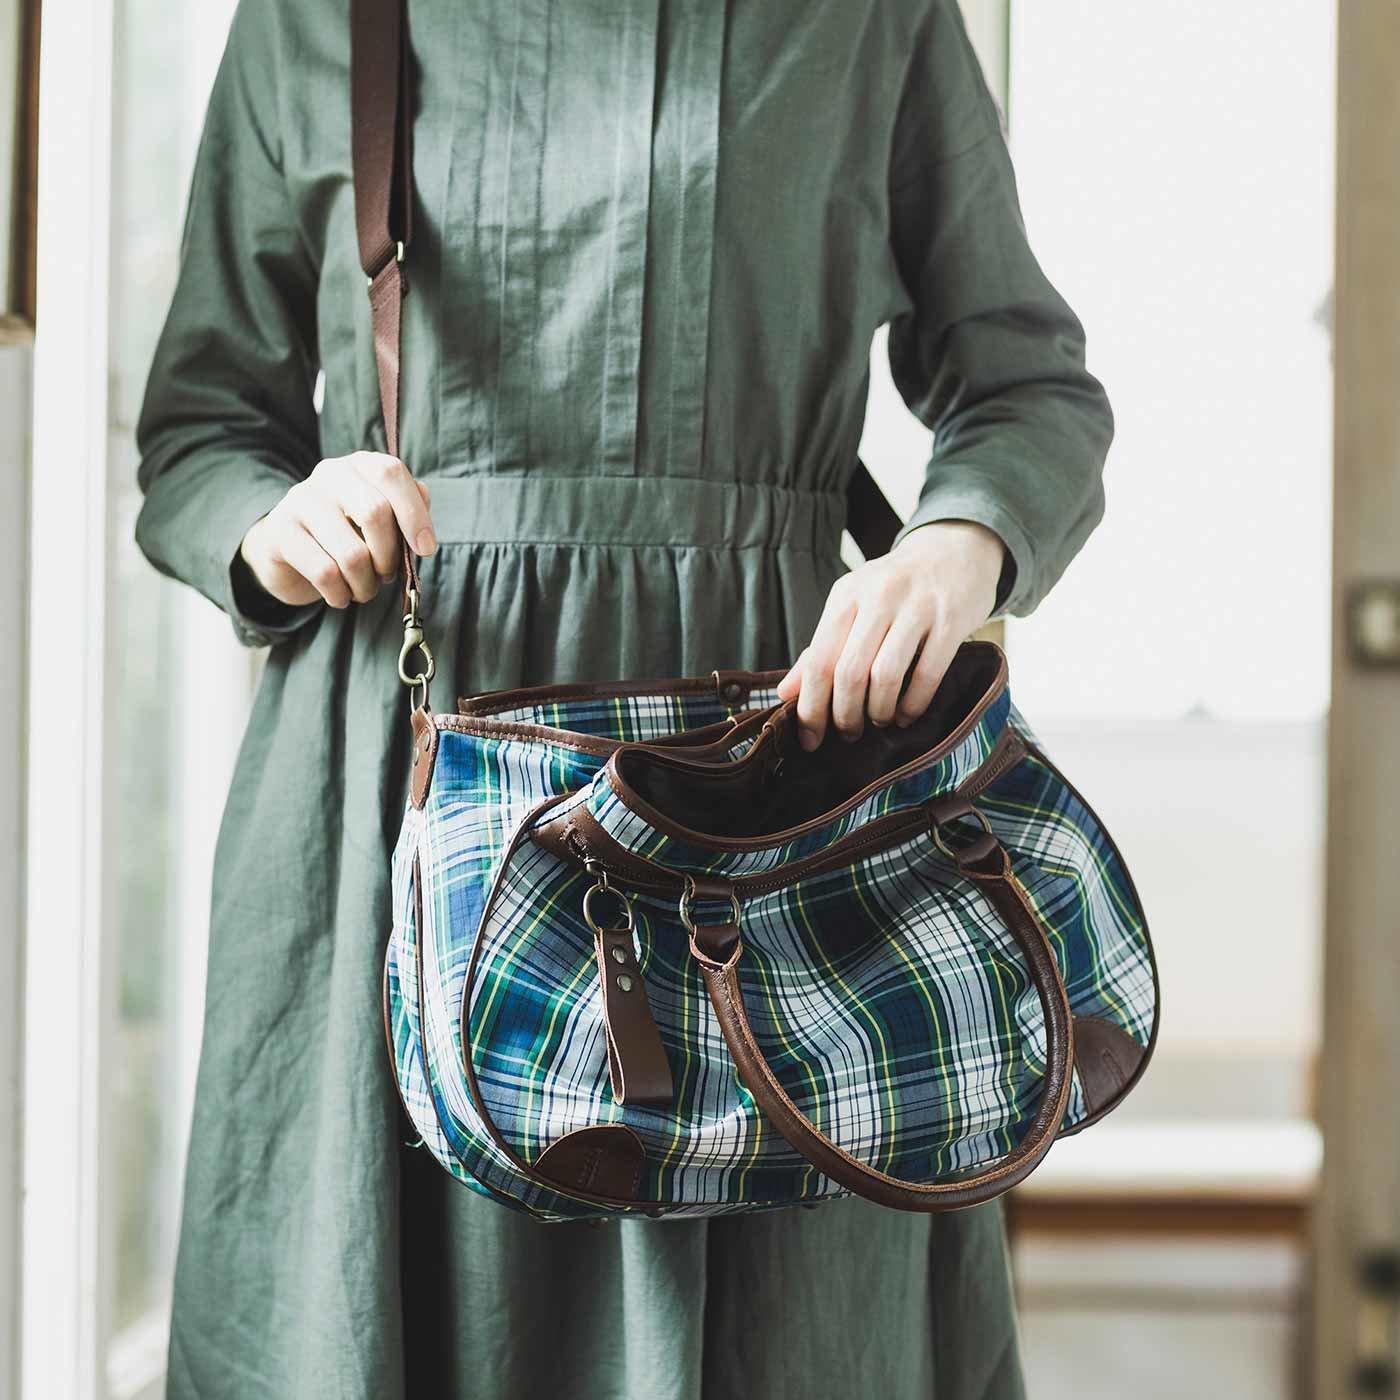 ママの声から生まれた 職人本革遣いのソートバッグ〈チェック×ブラウン〉[本革 鞄:日本製]